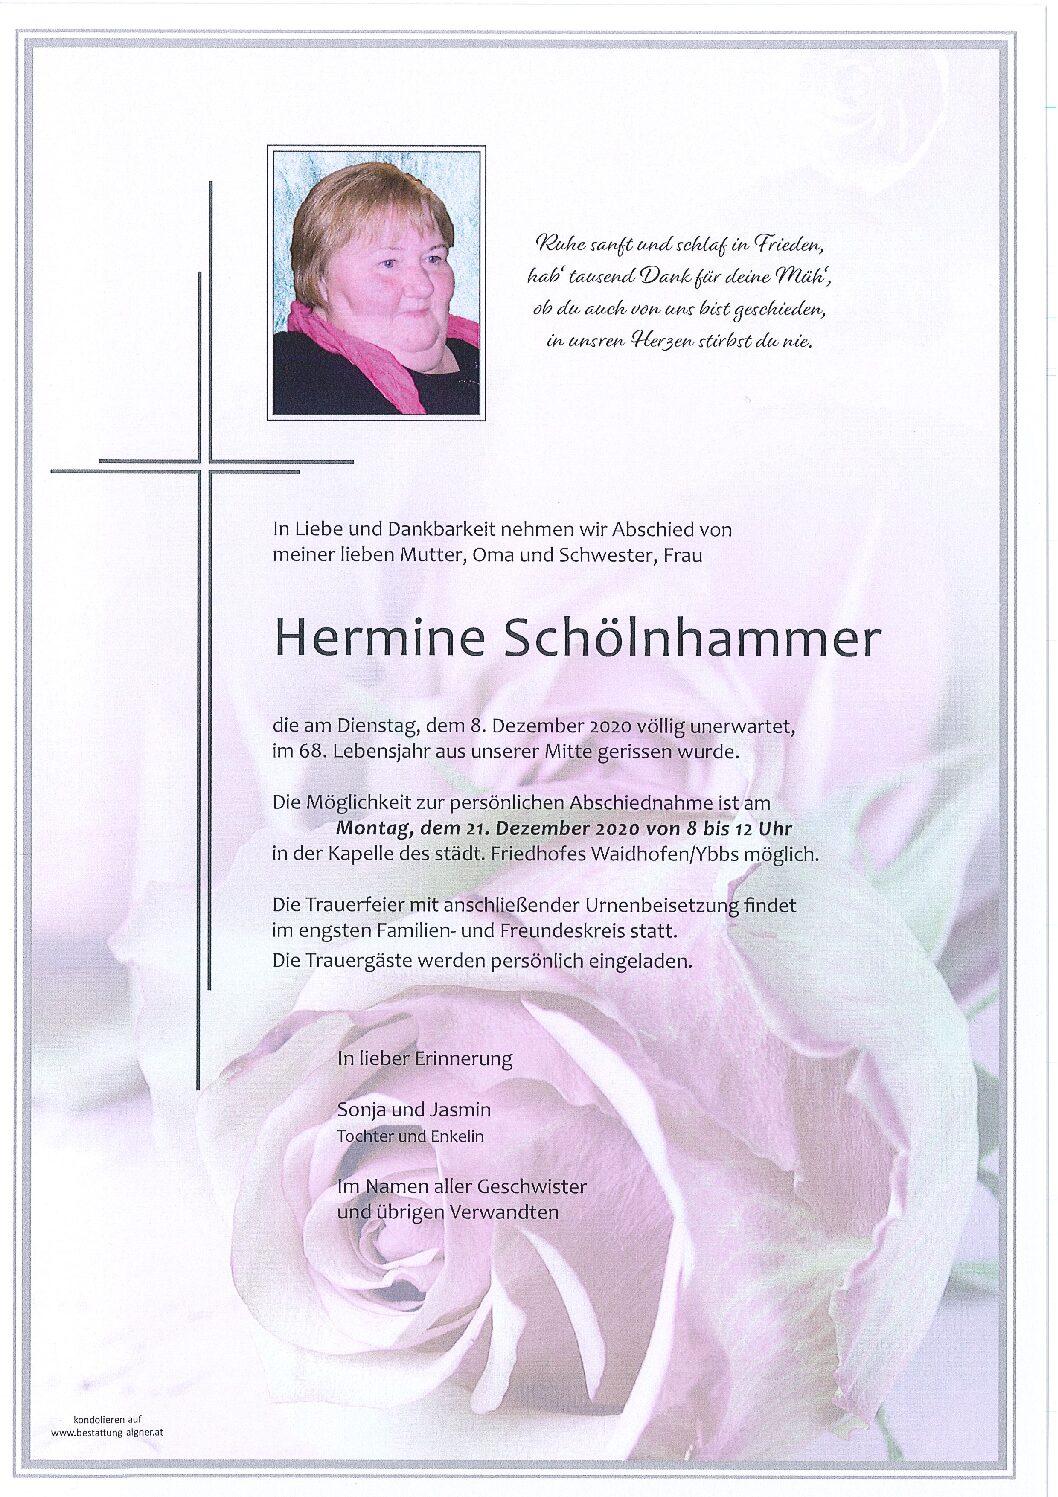 Hermine Schölnhammer